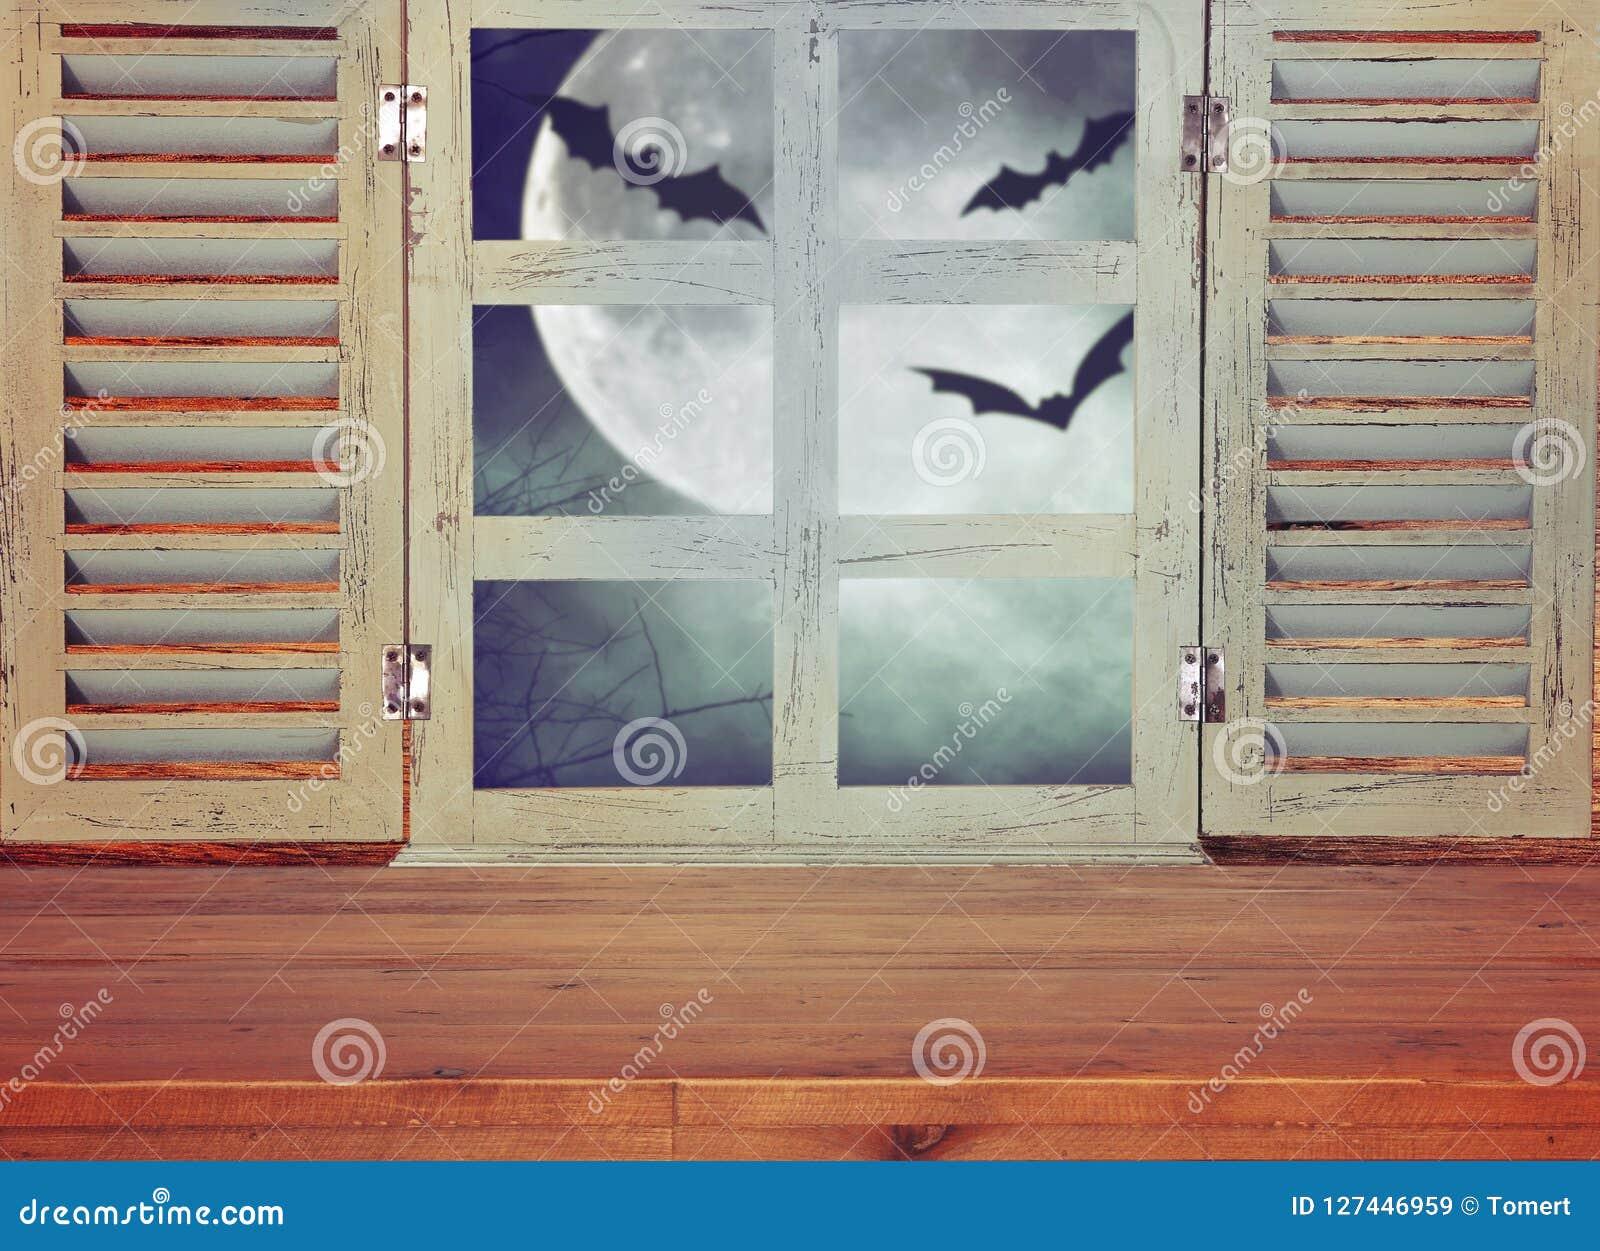 Conceito do feriado de Dia das Bruxas Tabela rústica vazia na frente do fundo assombrado do céu noturno e da janela velha Apronte